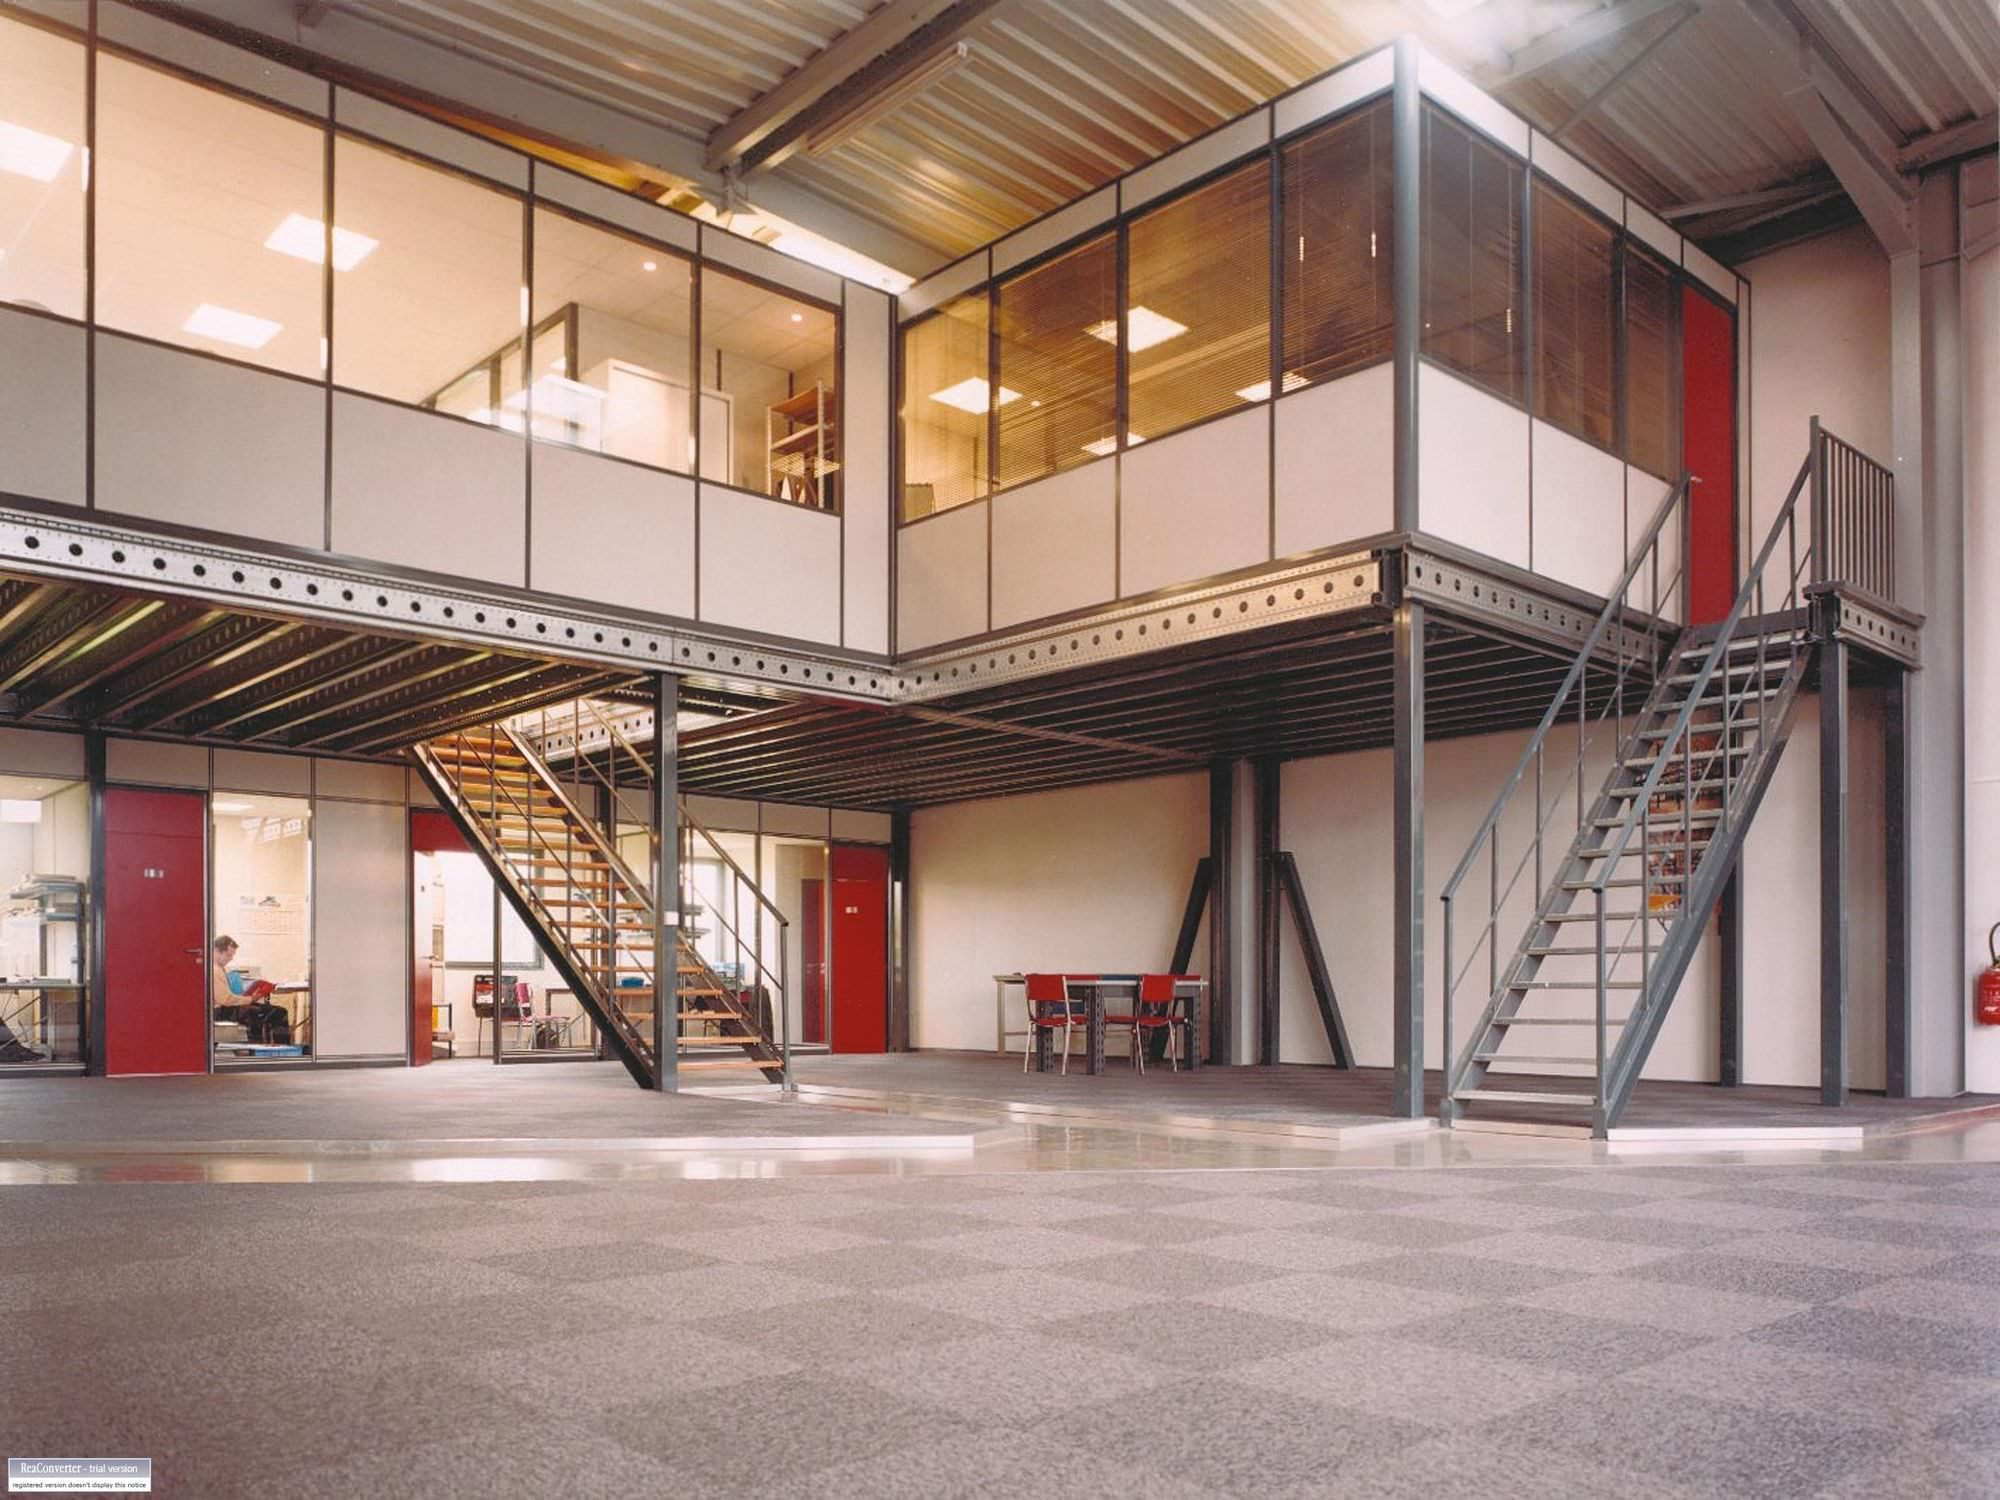 54 Fraîche Escalier Pour Lit Mezzanine Images